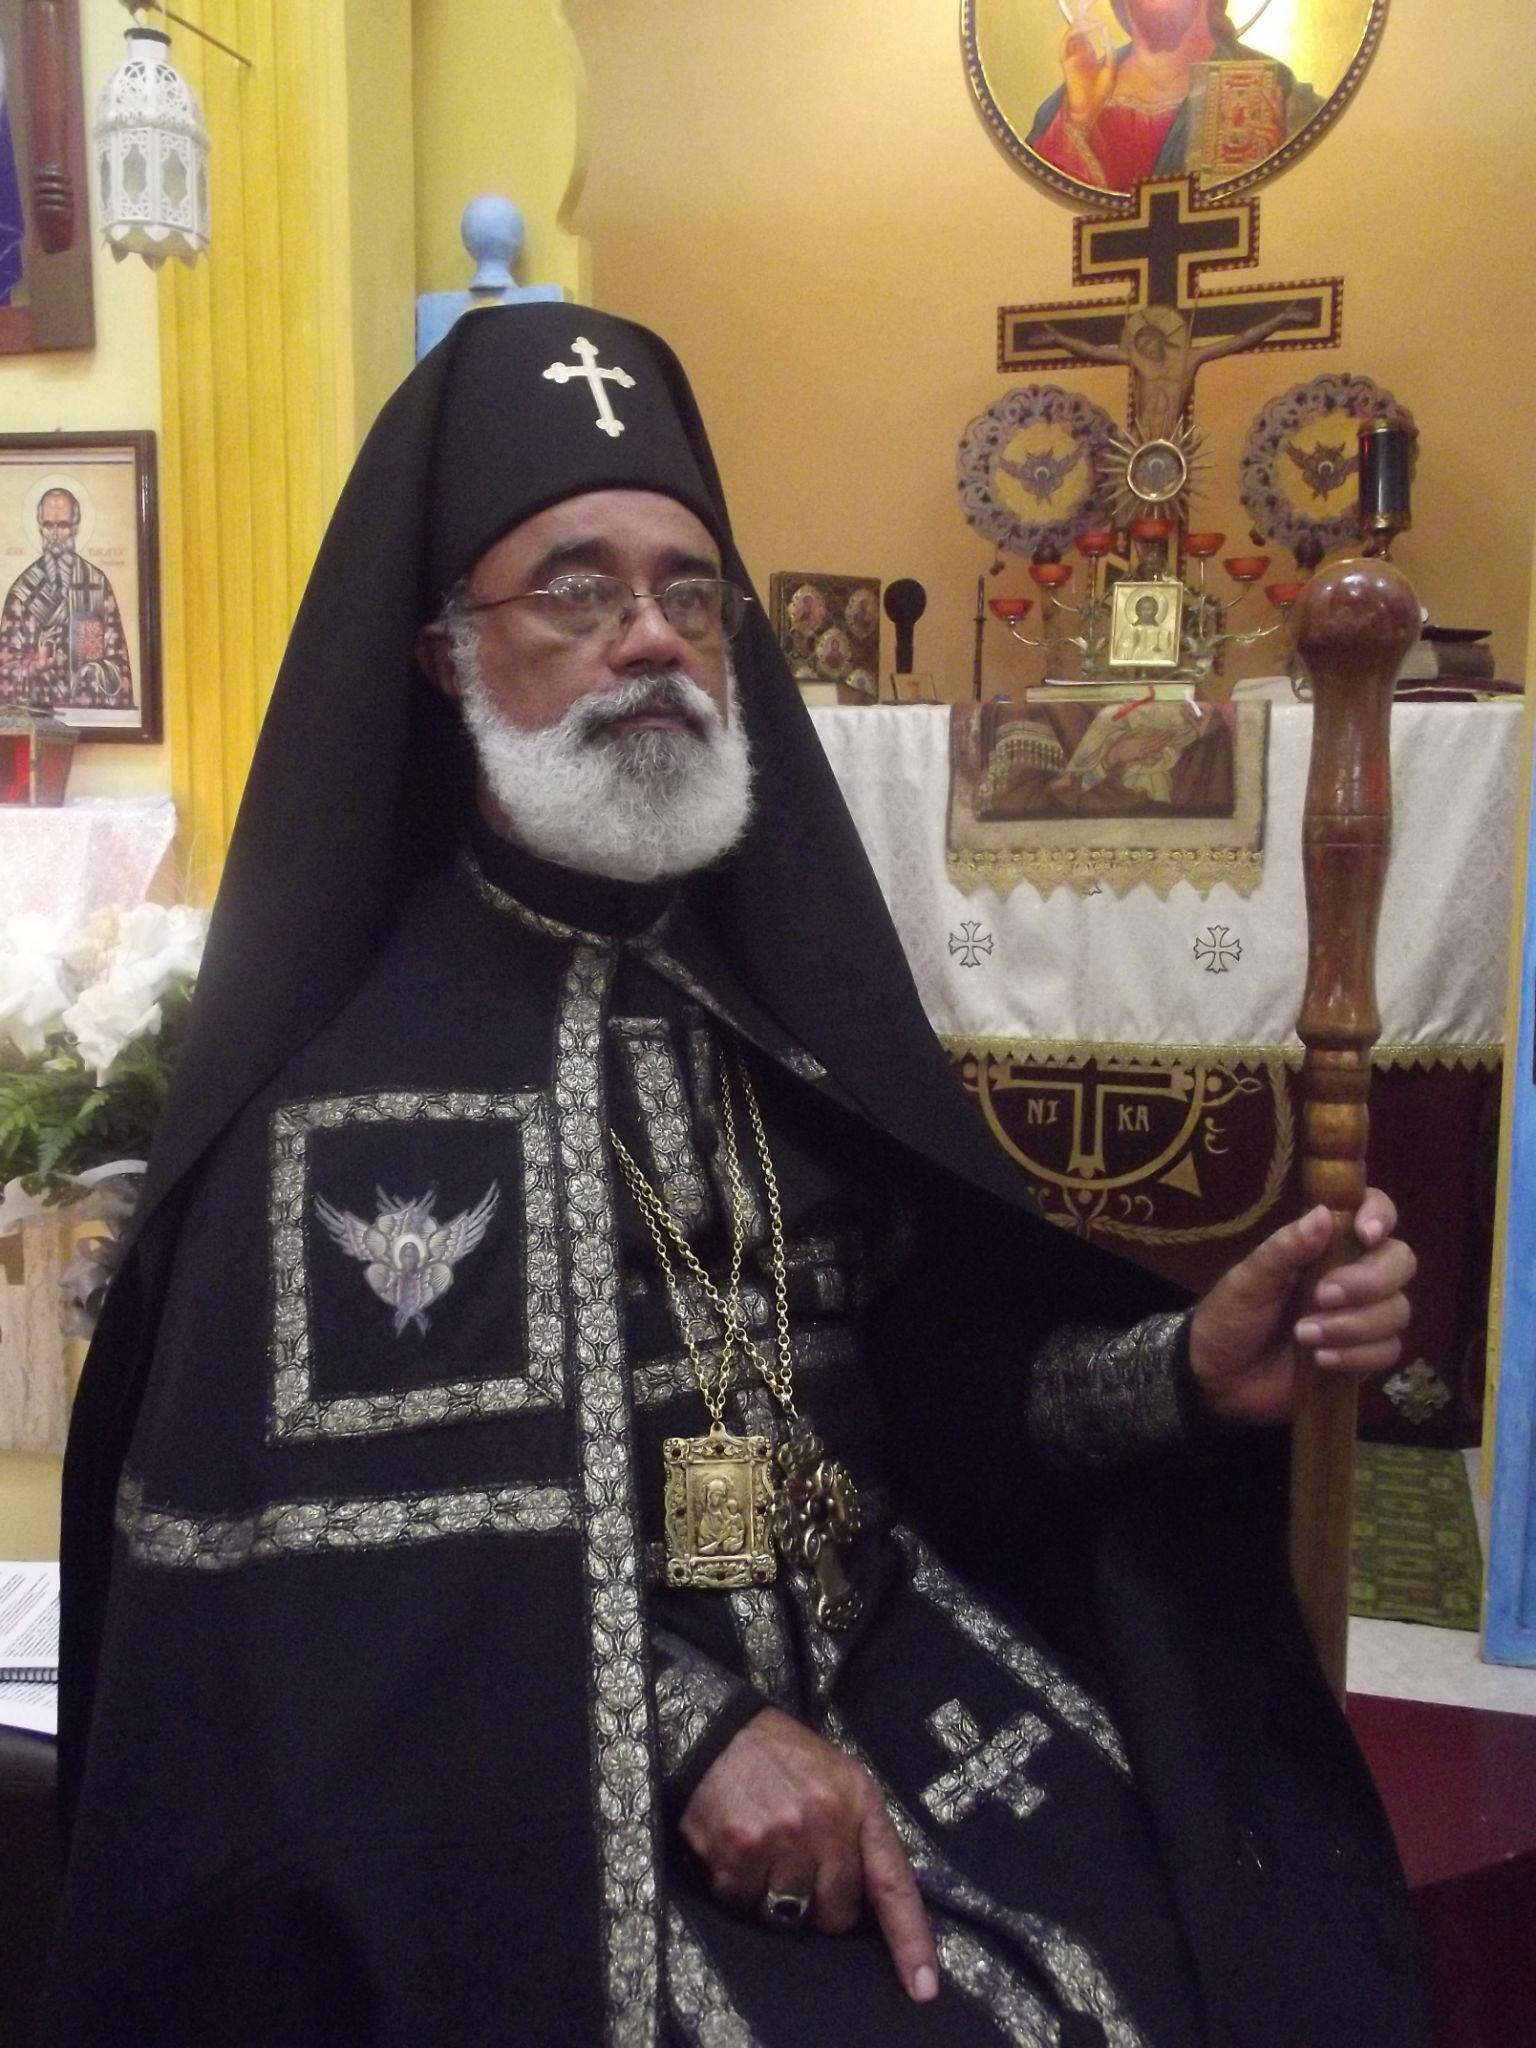 Athanasios 1º, Patriarca de la Iglesia Ortodoxa Bielorrusa Eslava en el extranjero.